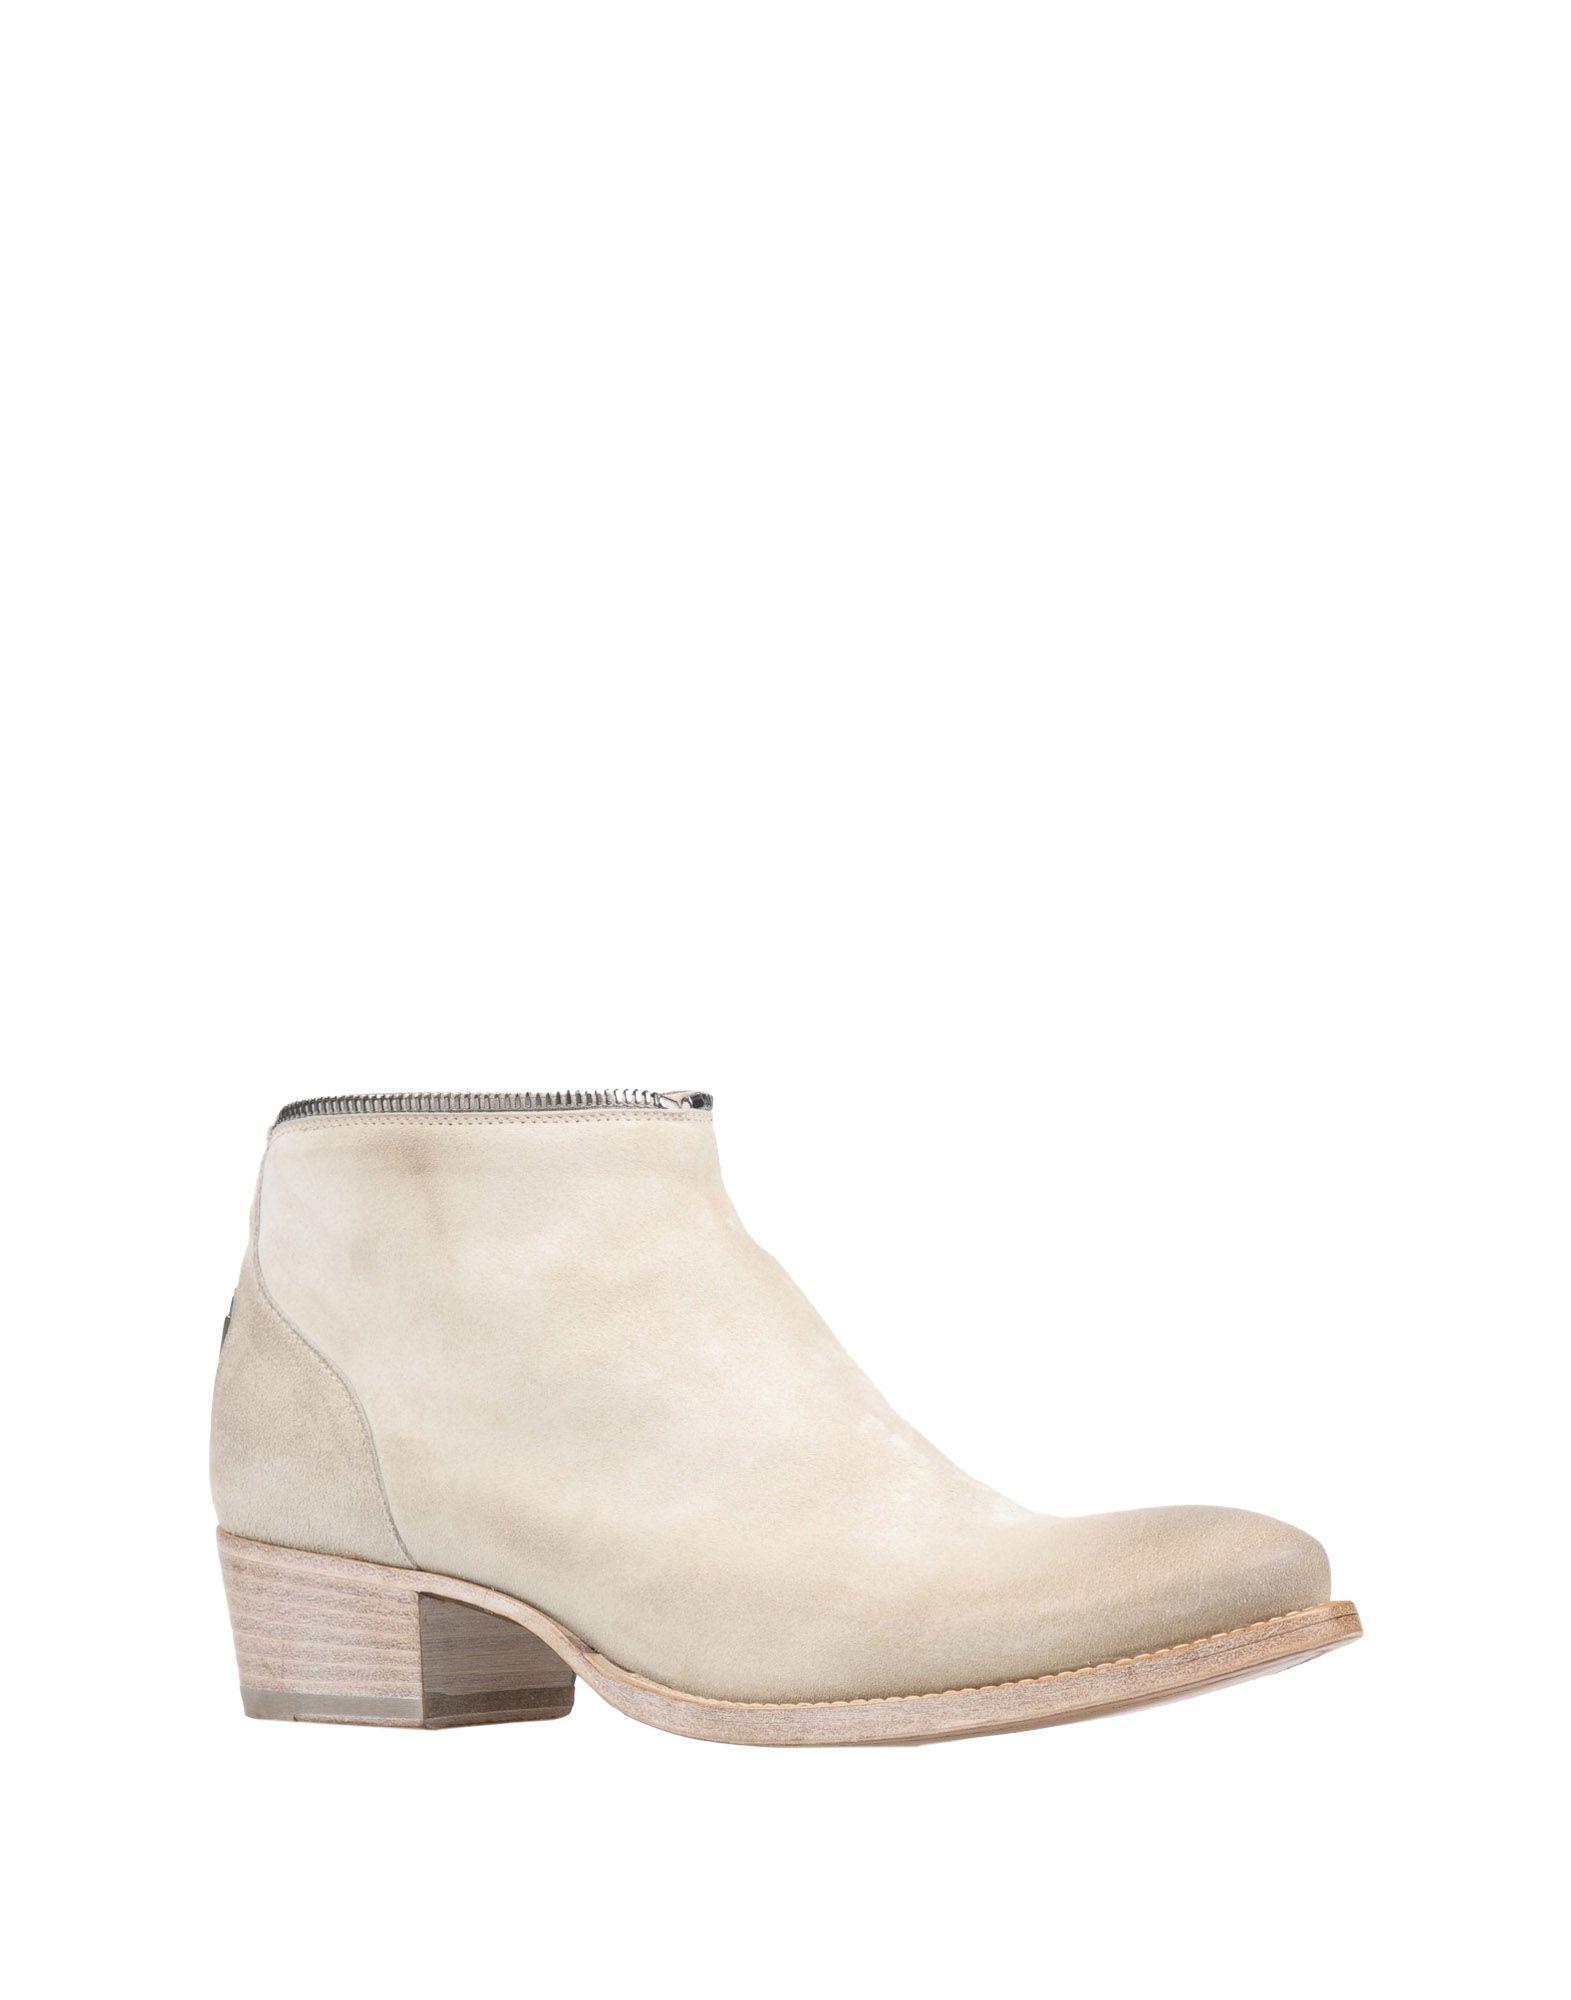 Pantanetti Stiefelette Damen beliebte  11426406UI Gute Qualität beliebte Damen Schuhe b9d538